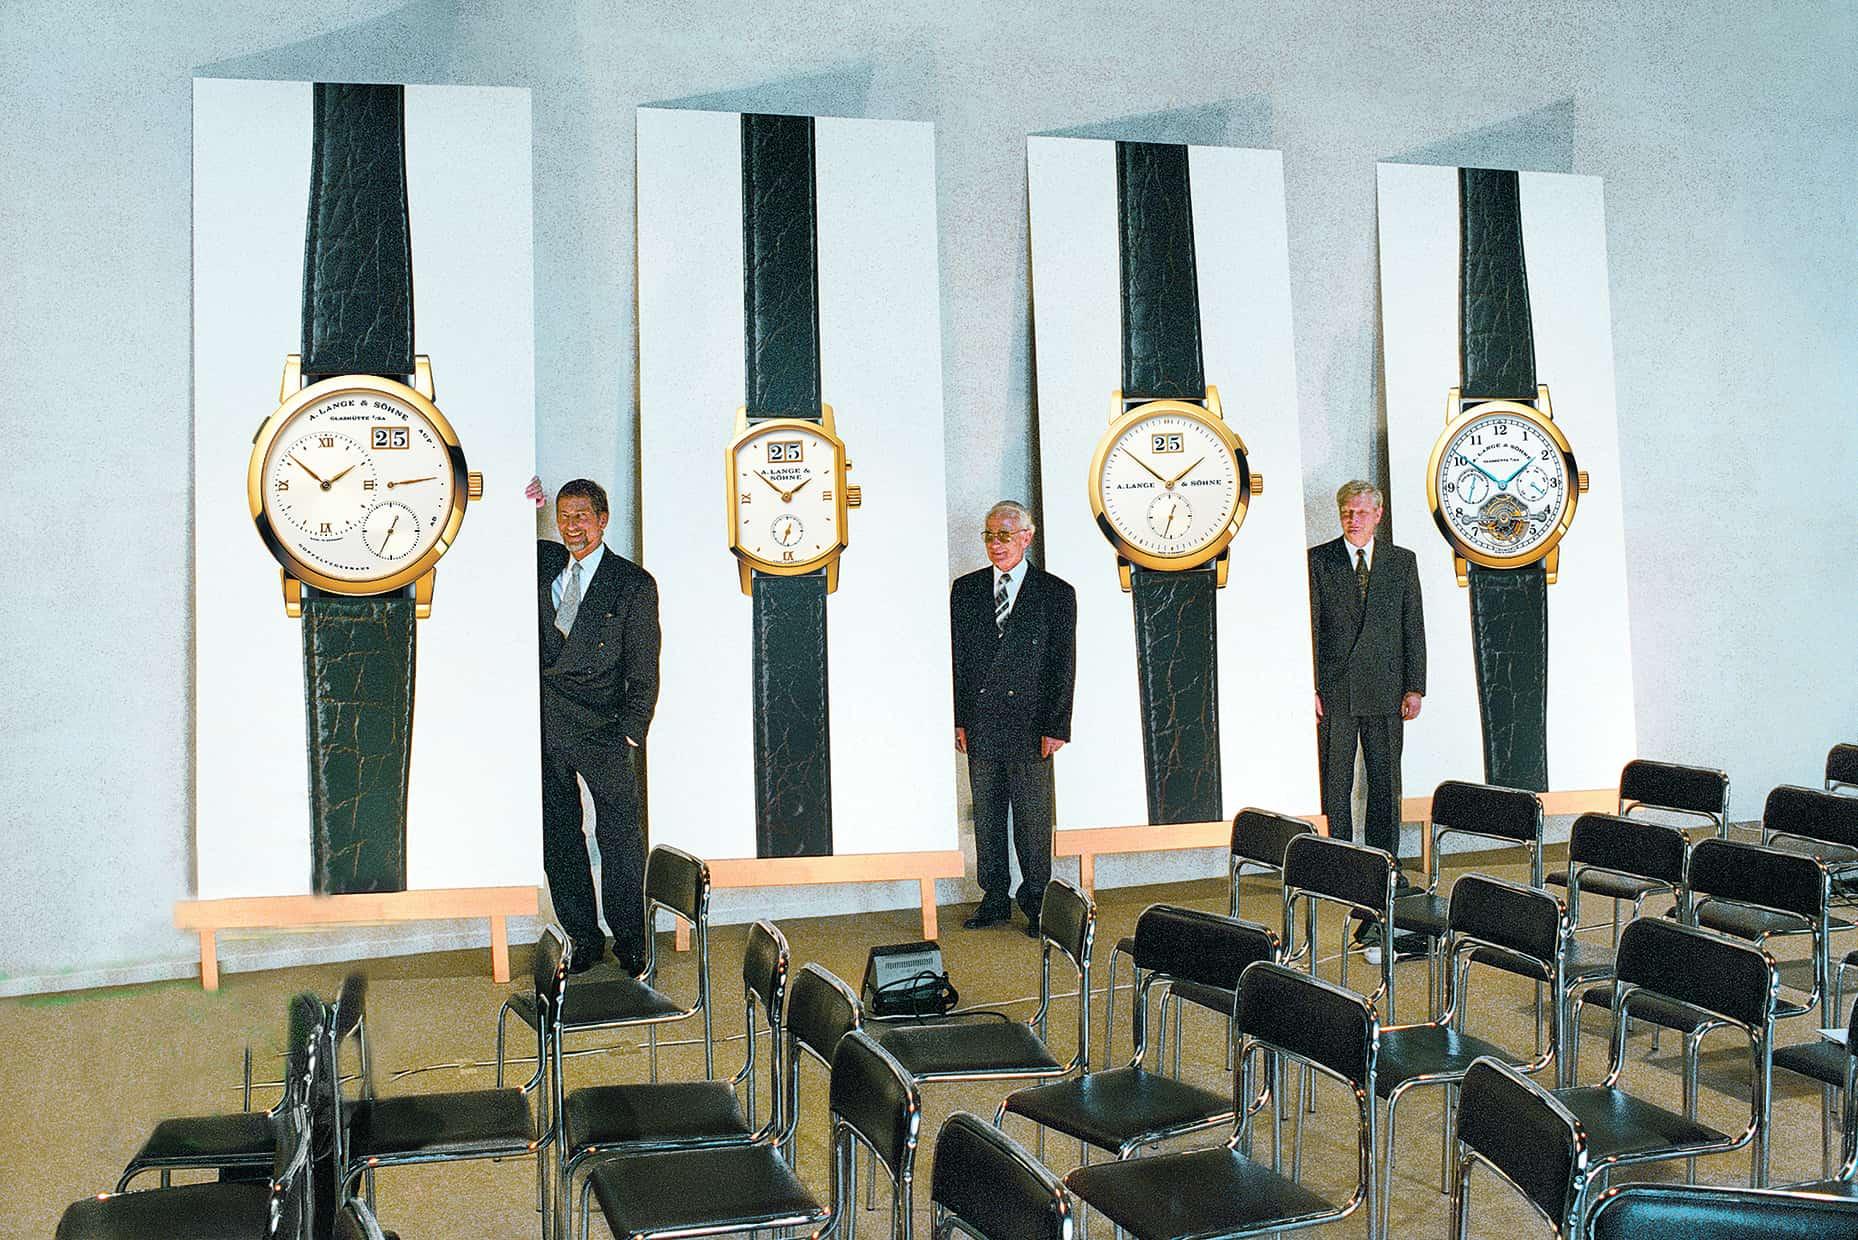 Günter Blümlein, Walter Lange und Hartmut Knothe (v.l.n.r.) präsentierten 1994 mit der Lange 1 die erste neuzeitliche Armbanduhrenkollektion von A. Lange & Söhne.